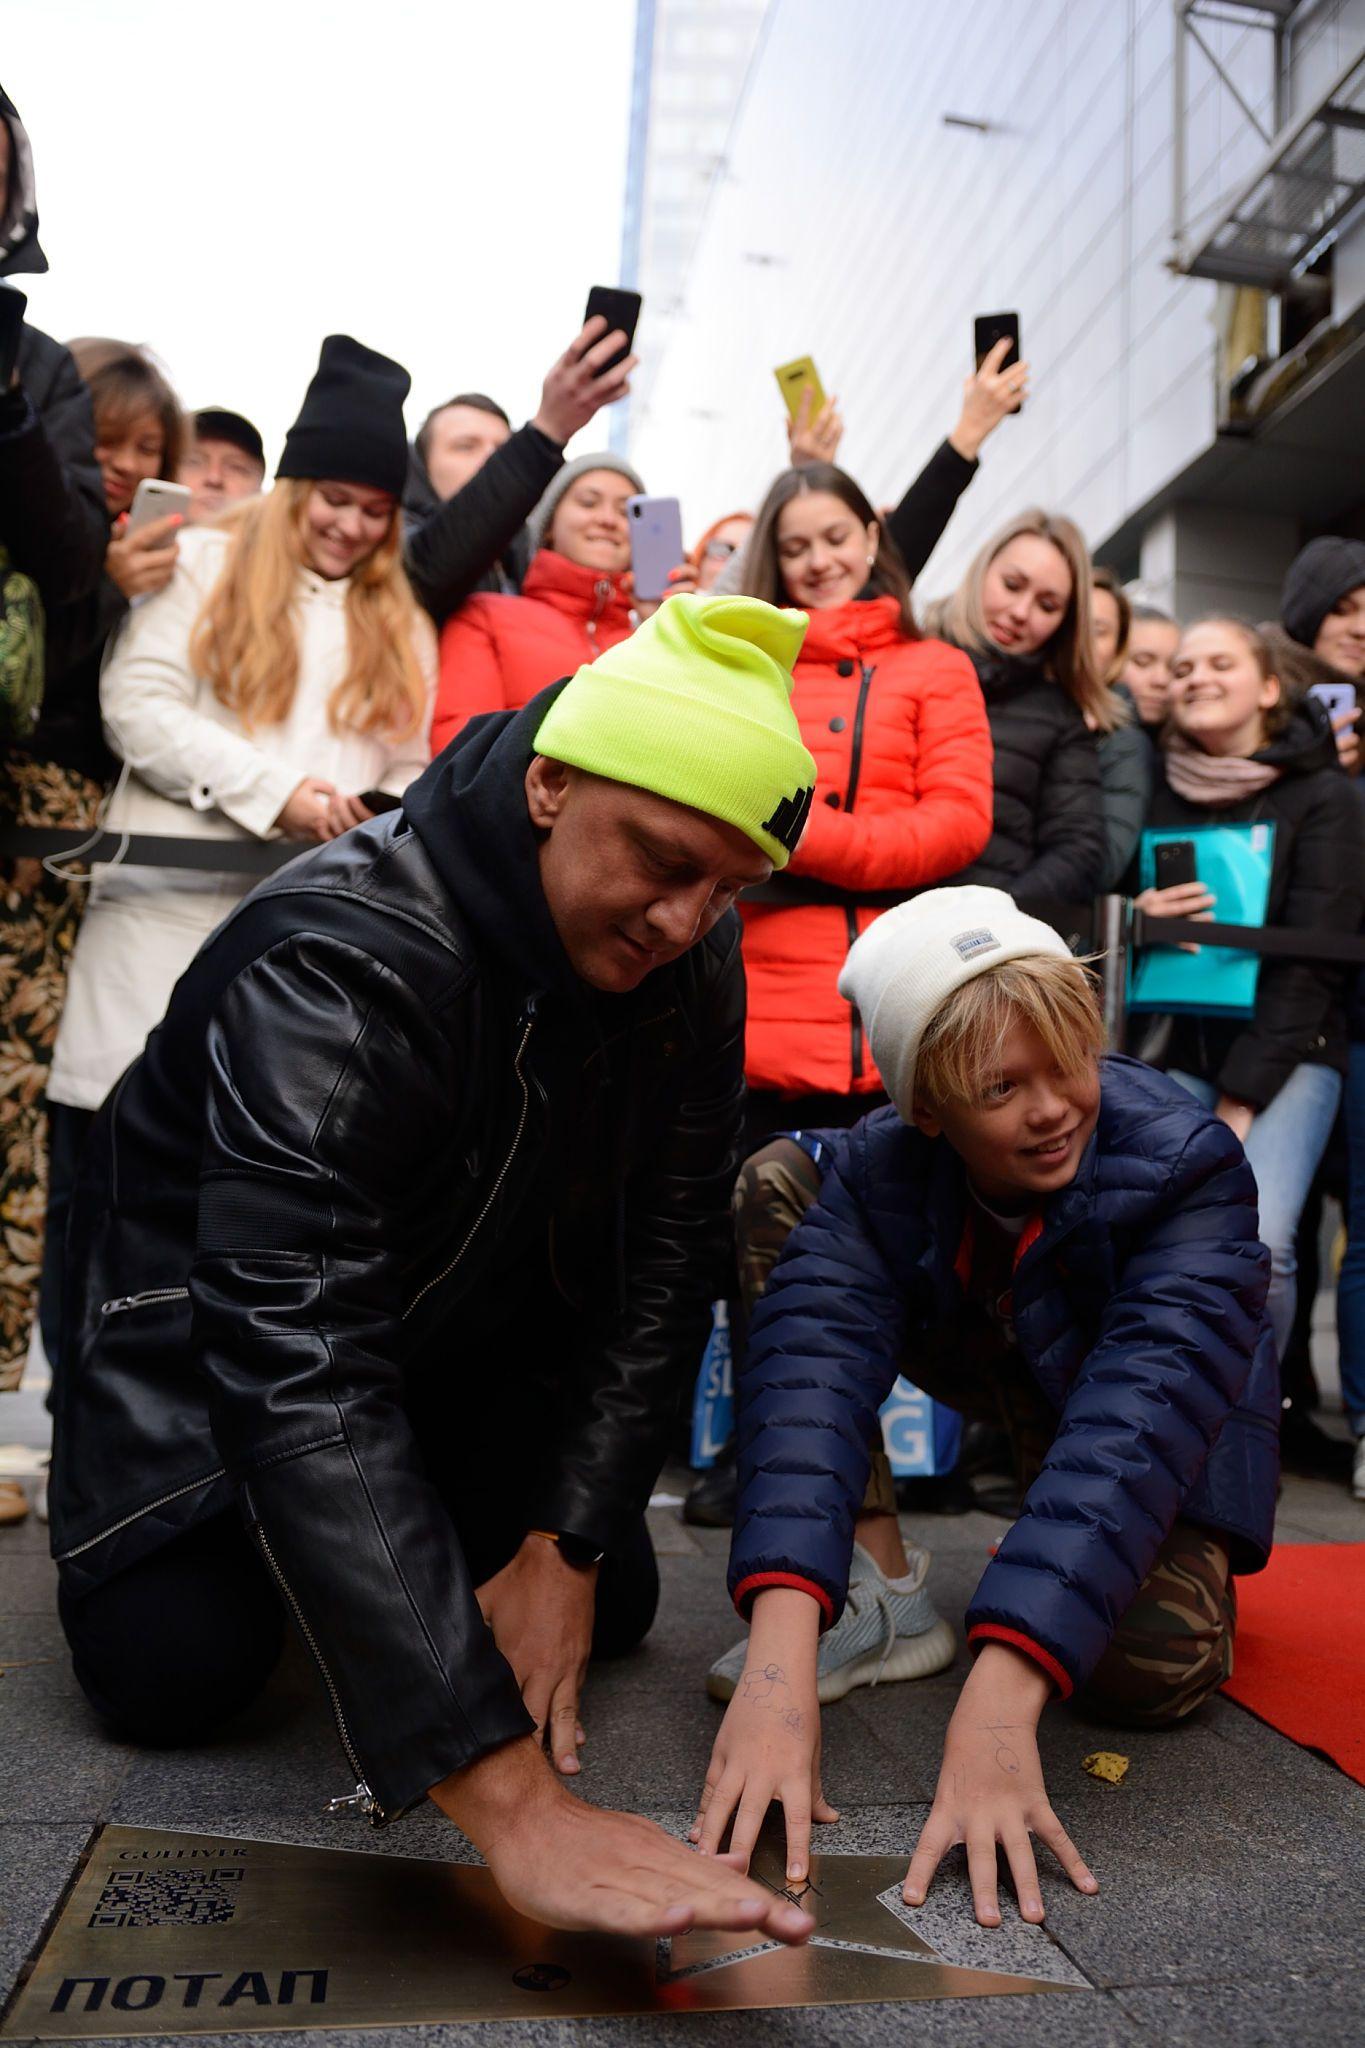 Потап іменна зірка в Києві_6